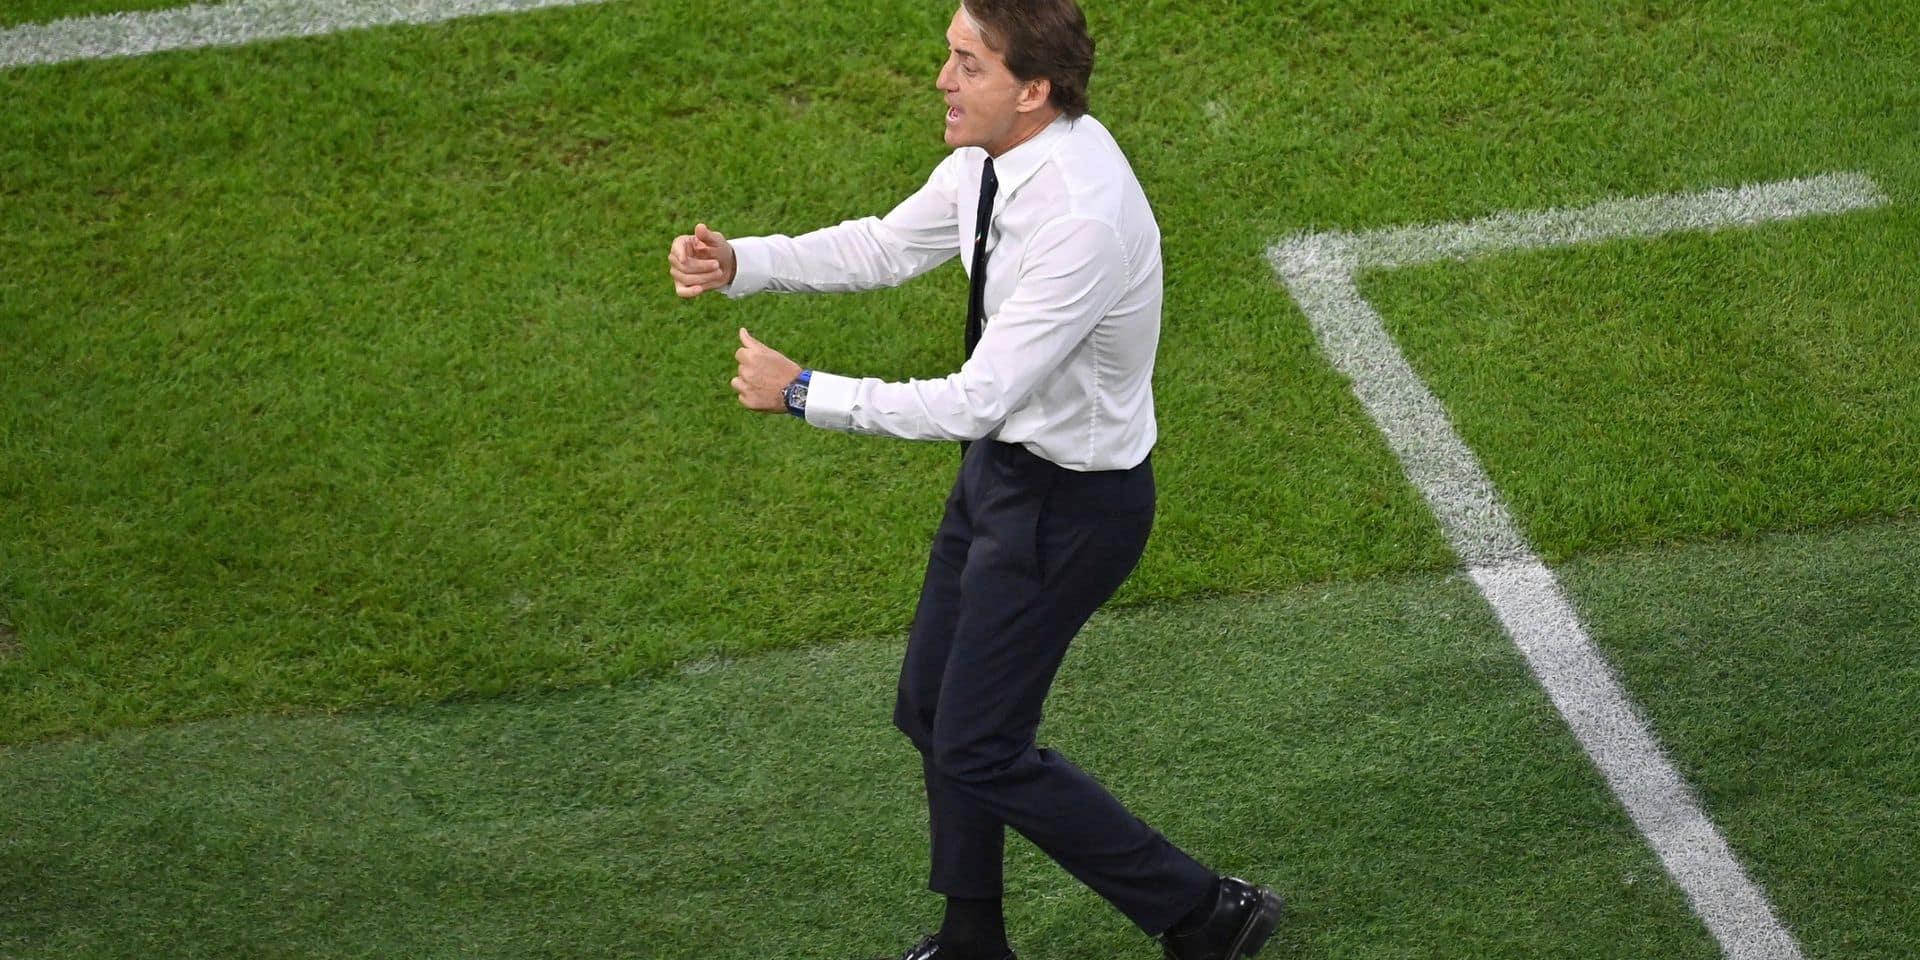 """Roberto Mancini revient sur la victoire de l'Italie: """"Pour battre une formation comme la Belgique, tout le monde doit livrer une prestation aboutie"""""""